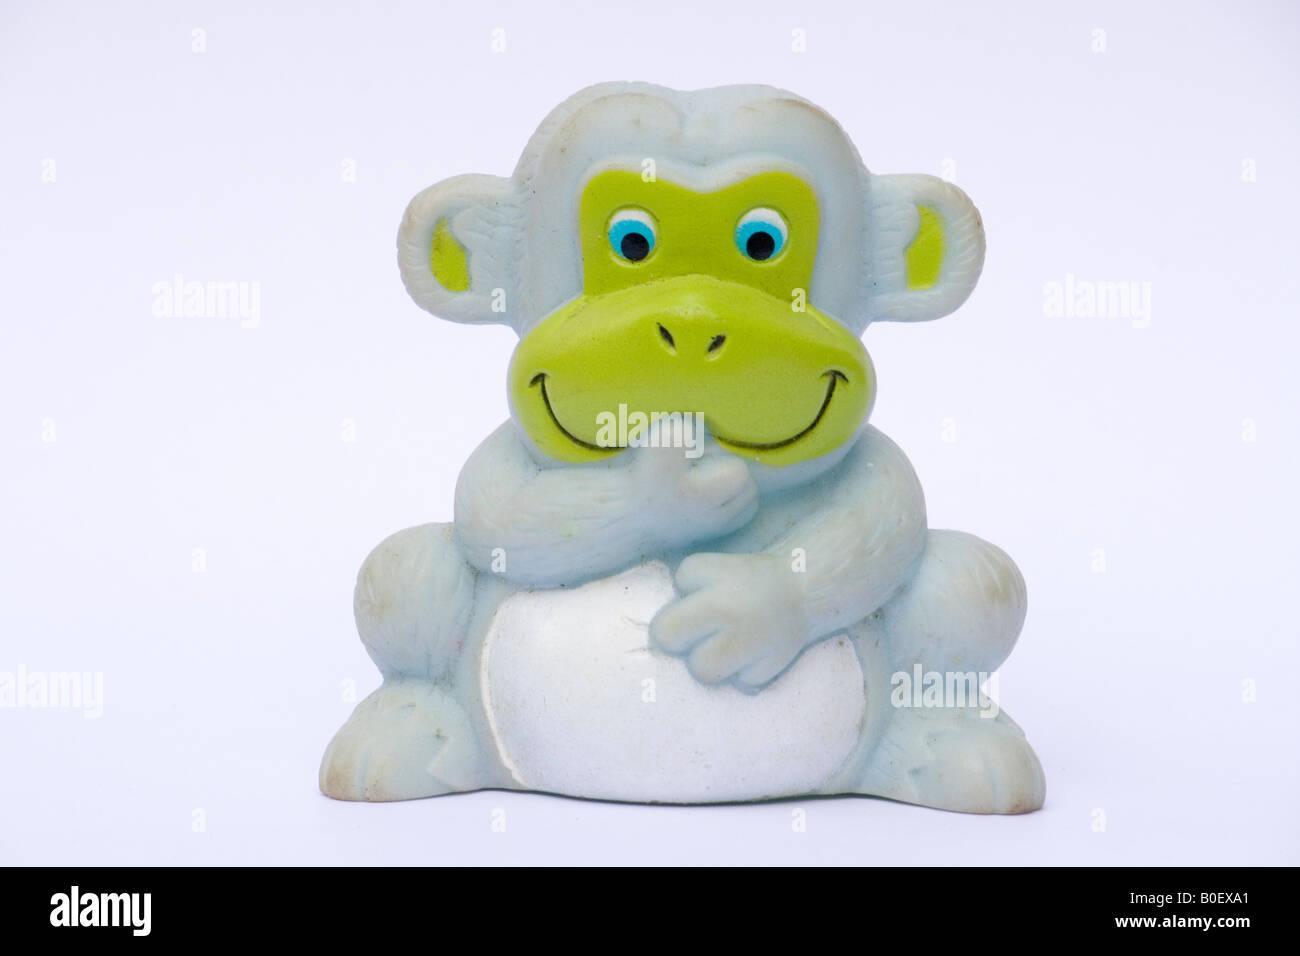 Baby toy monkey - Stock Image